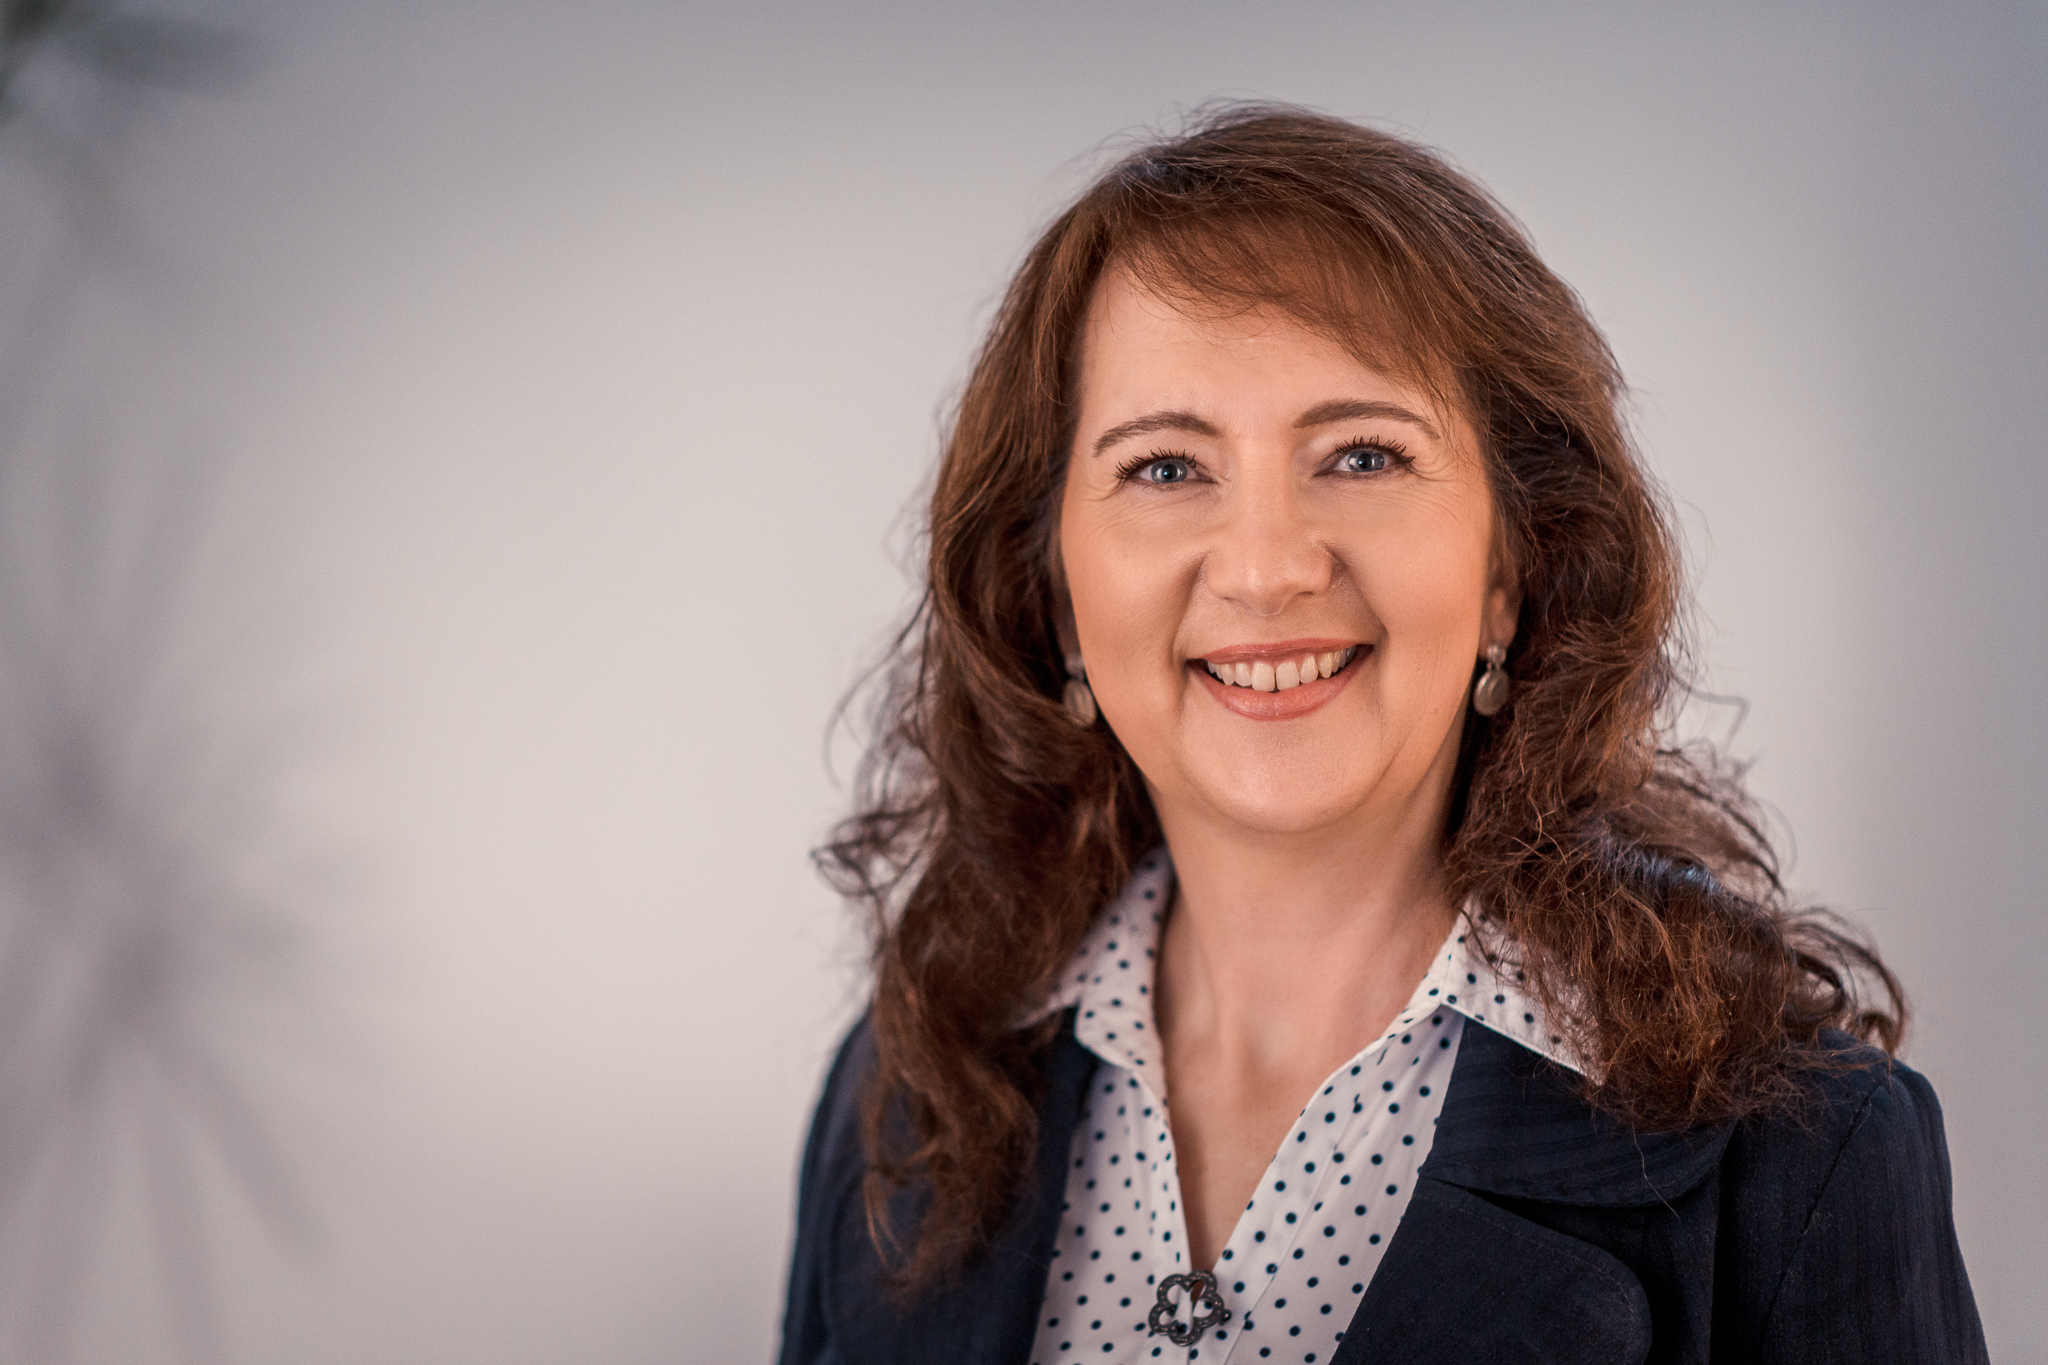 Karin Bachl